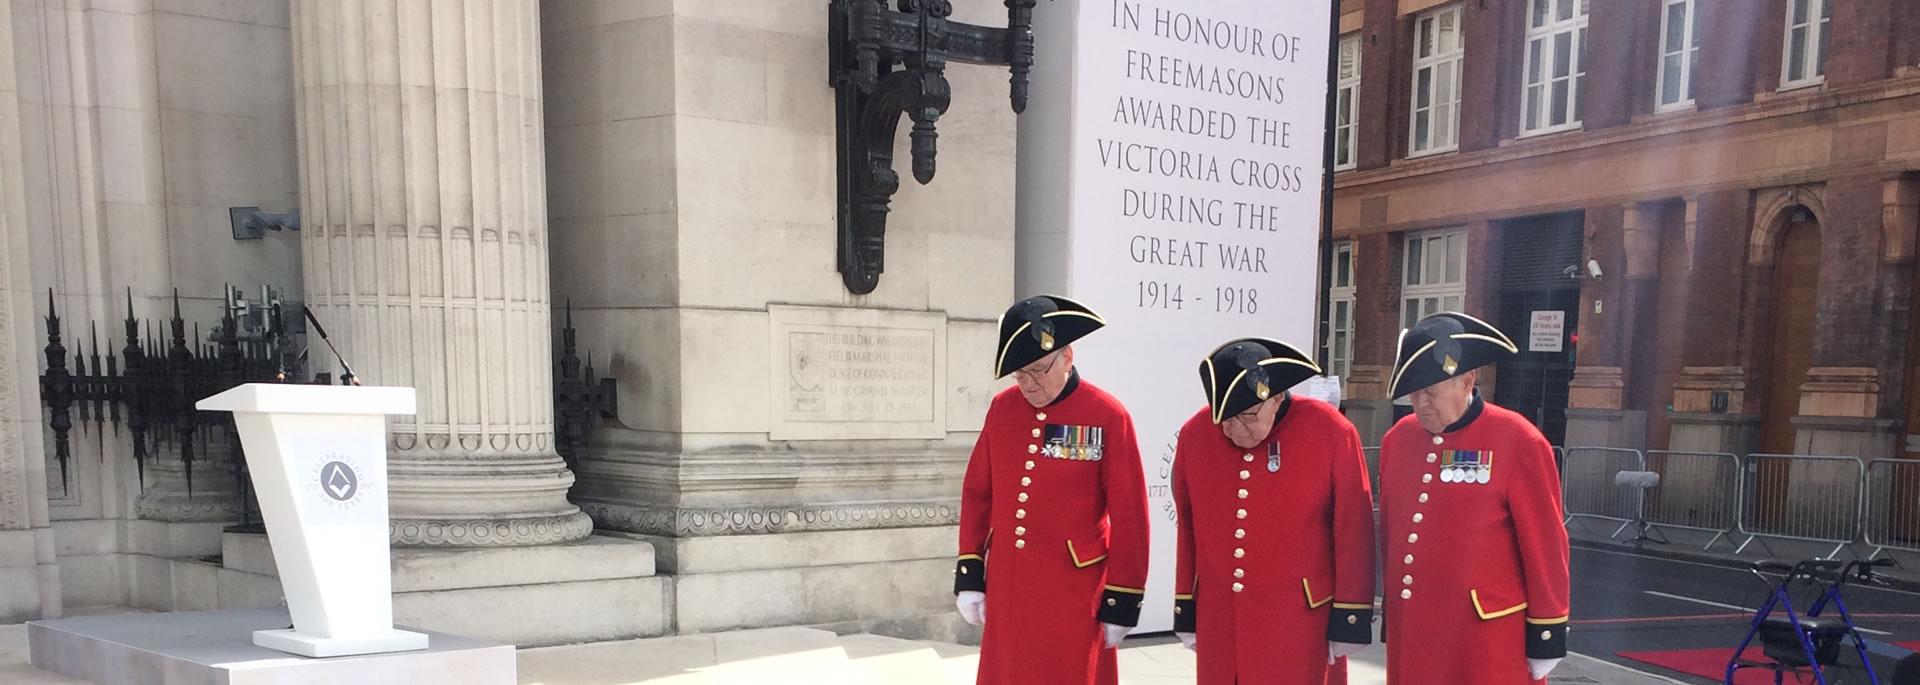 Freemasons Awarded Victoria Cross